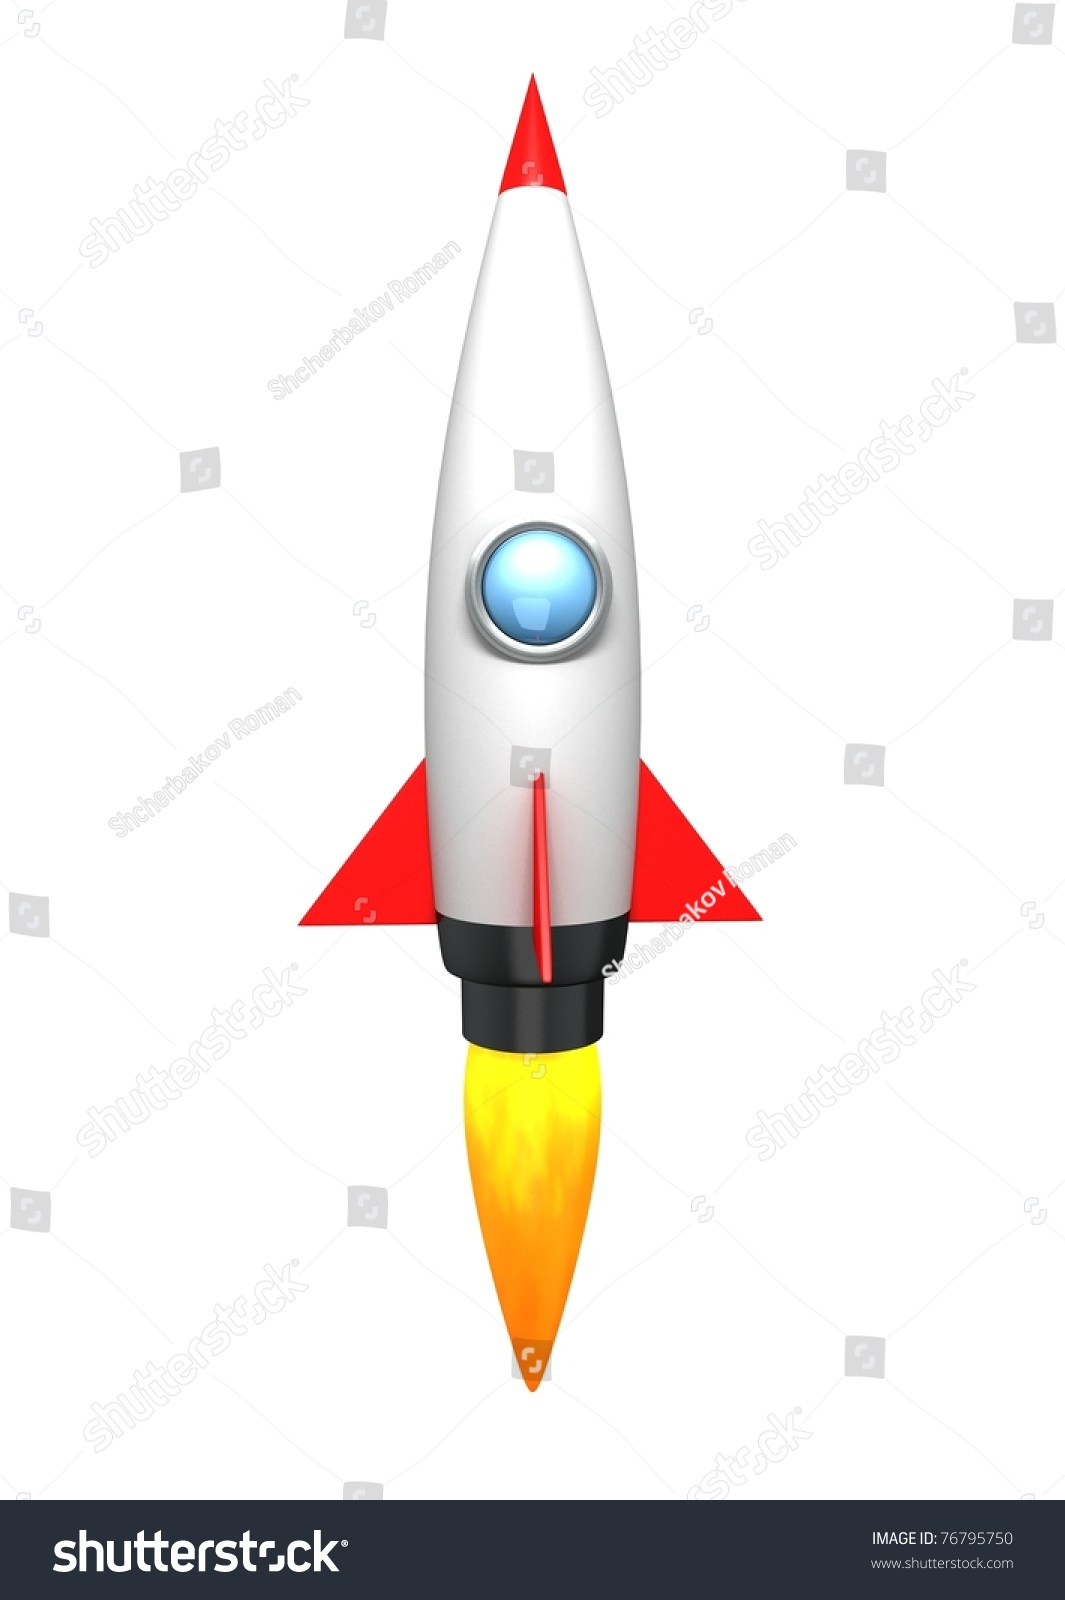 Cartoon Rocket Stock Illustration